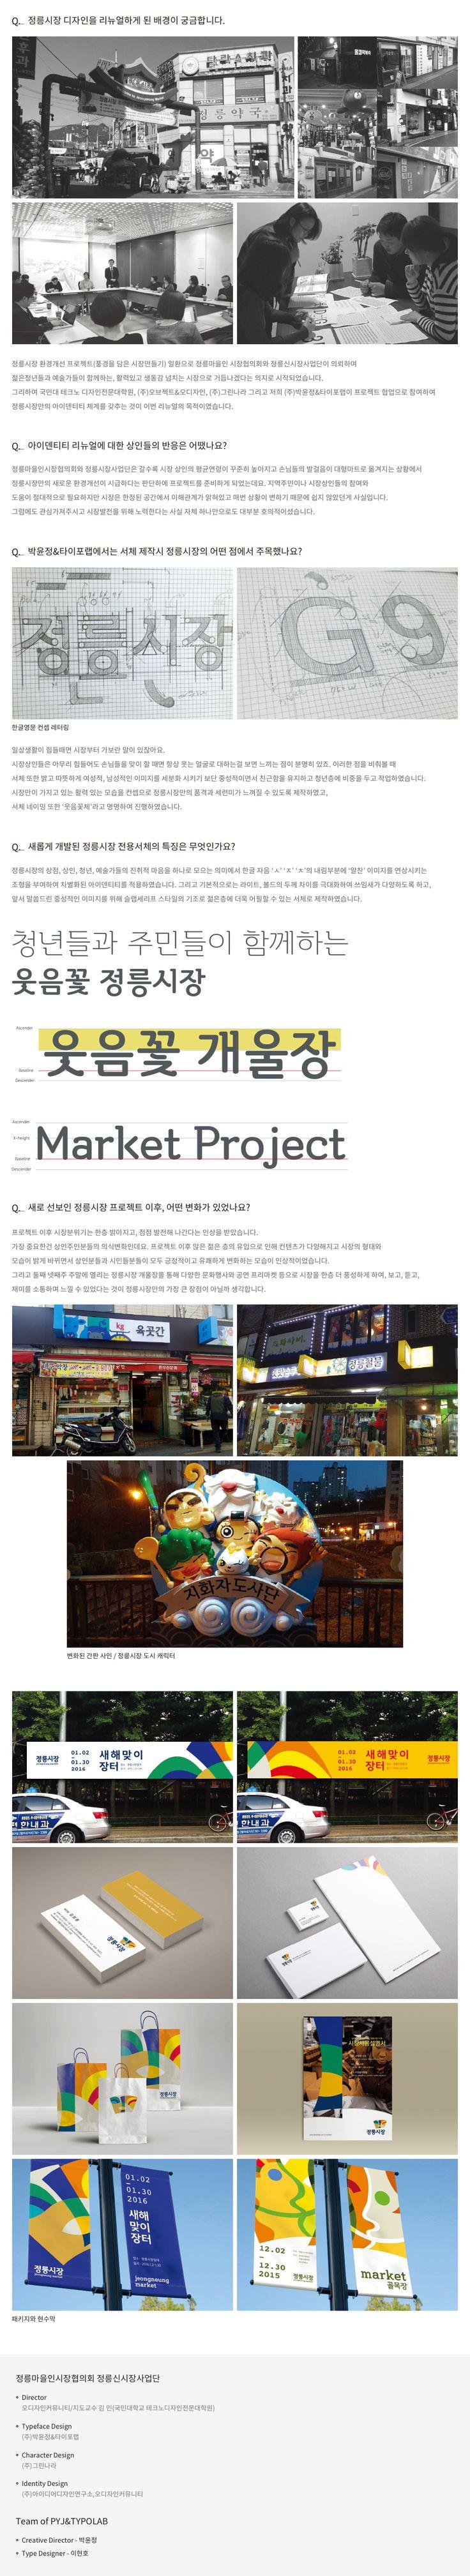 2016 정릉시장 Typeface. 박윤정&타이포랩